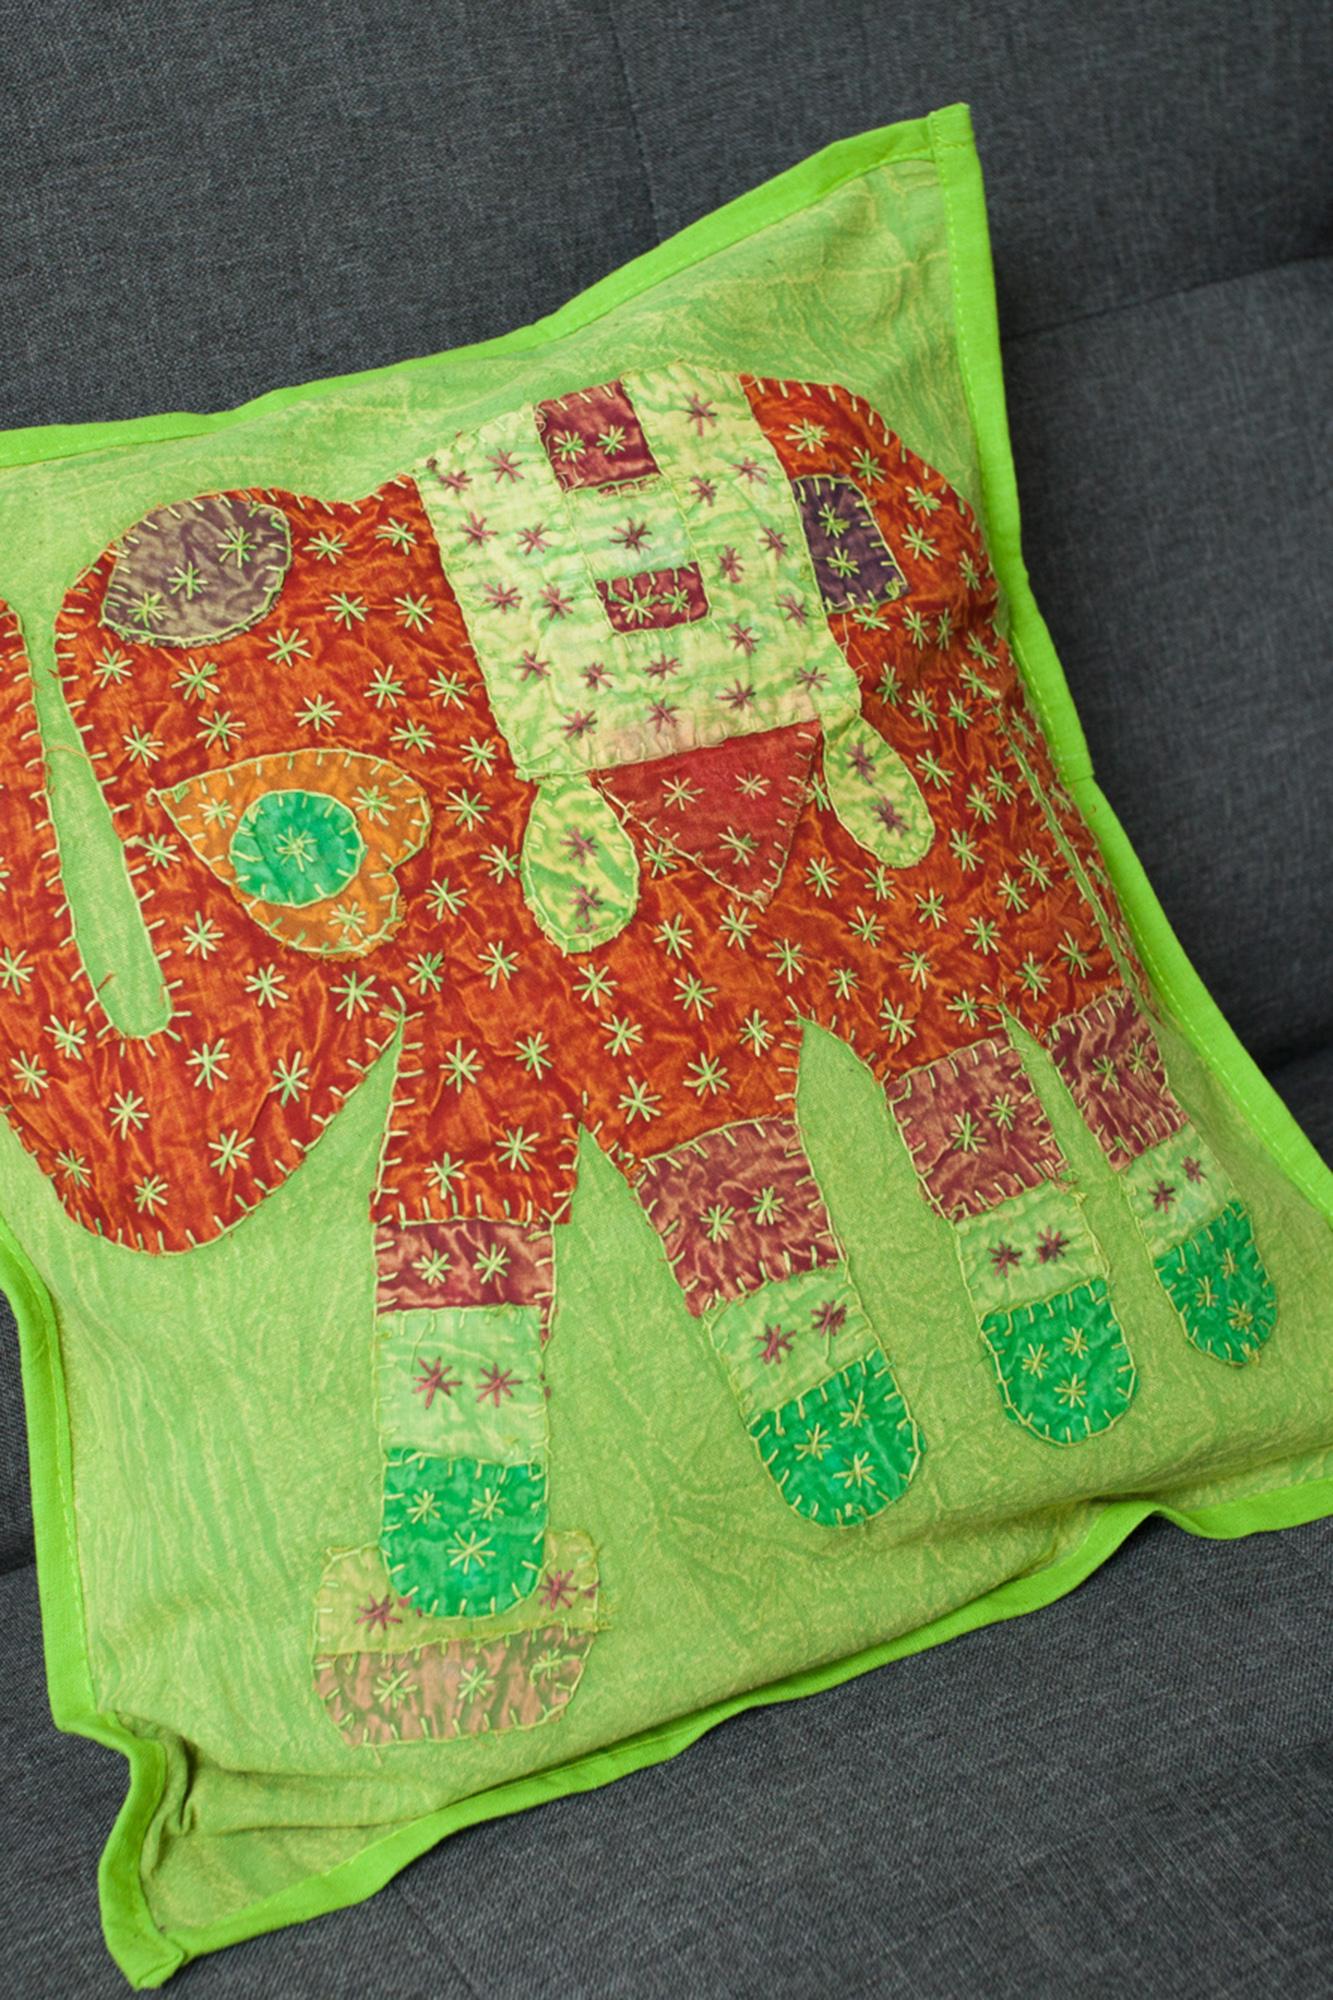 Fata de perna verde fistic lucrata manual